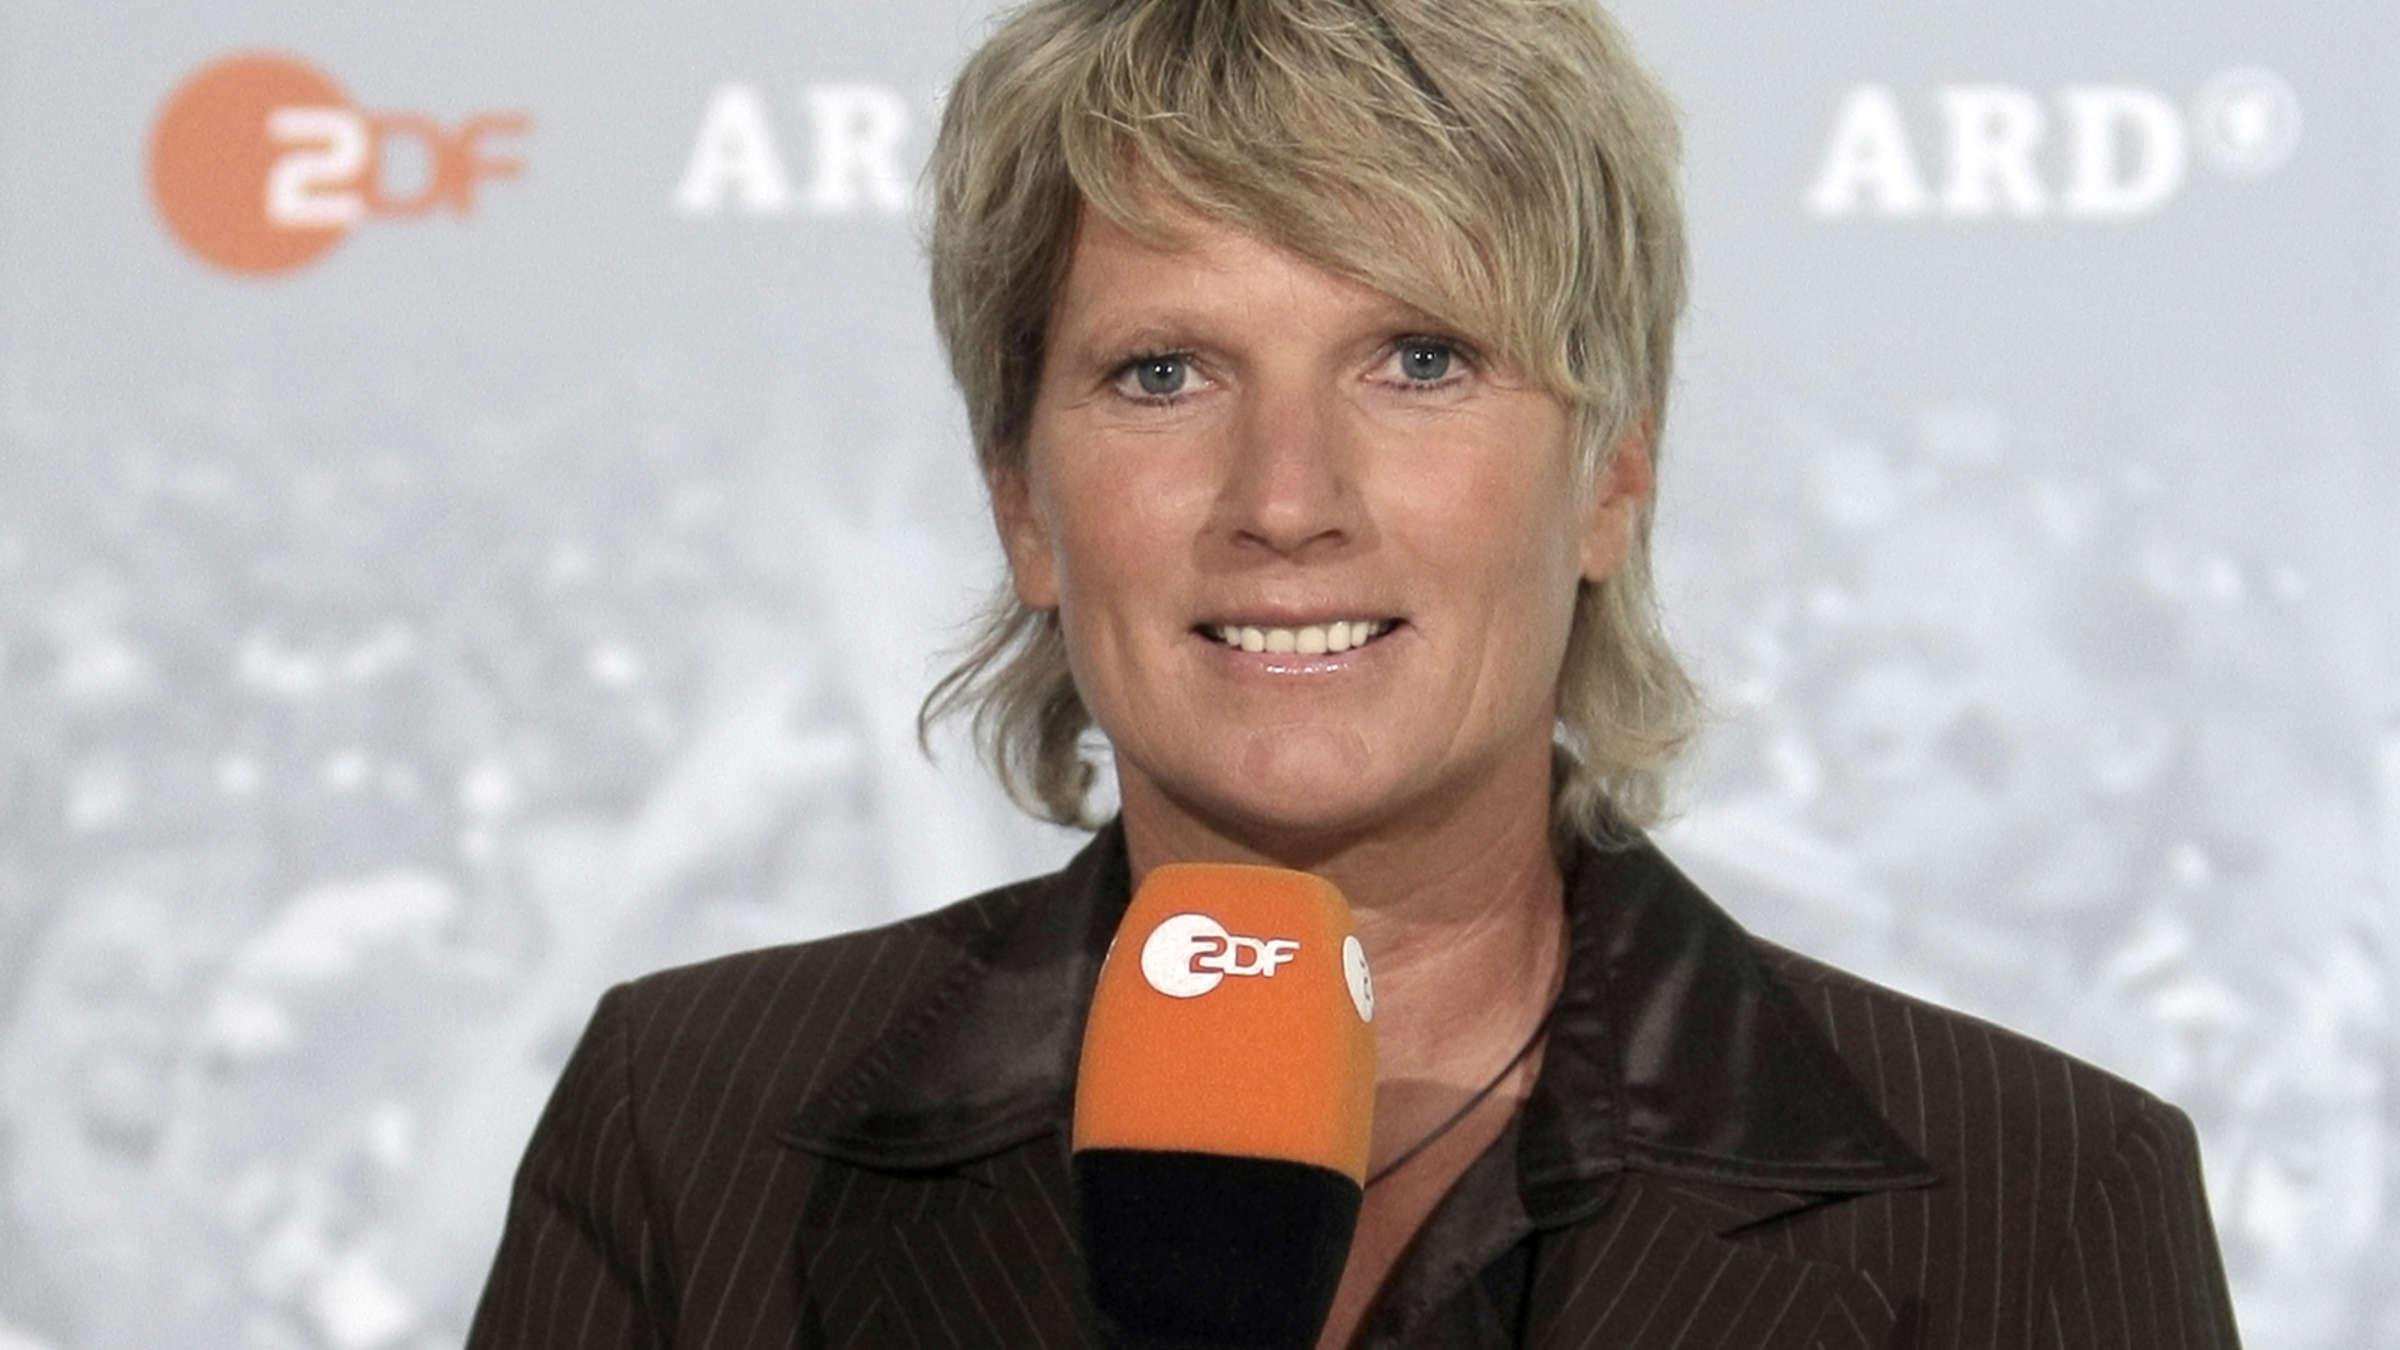 Alle Informationen Zu Zdf Reporterin Claudia Neumann Die